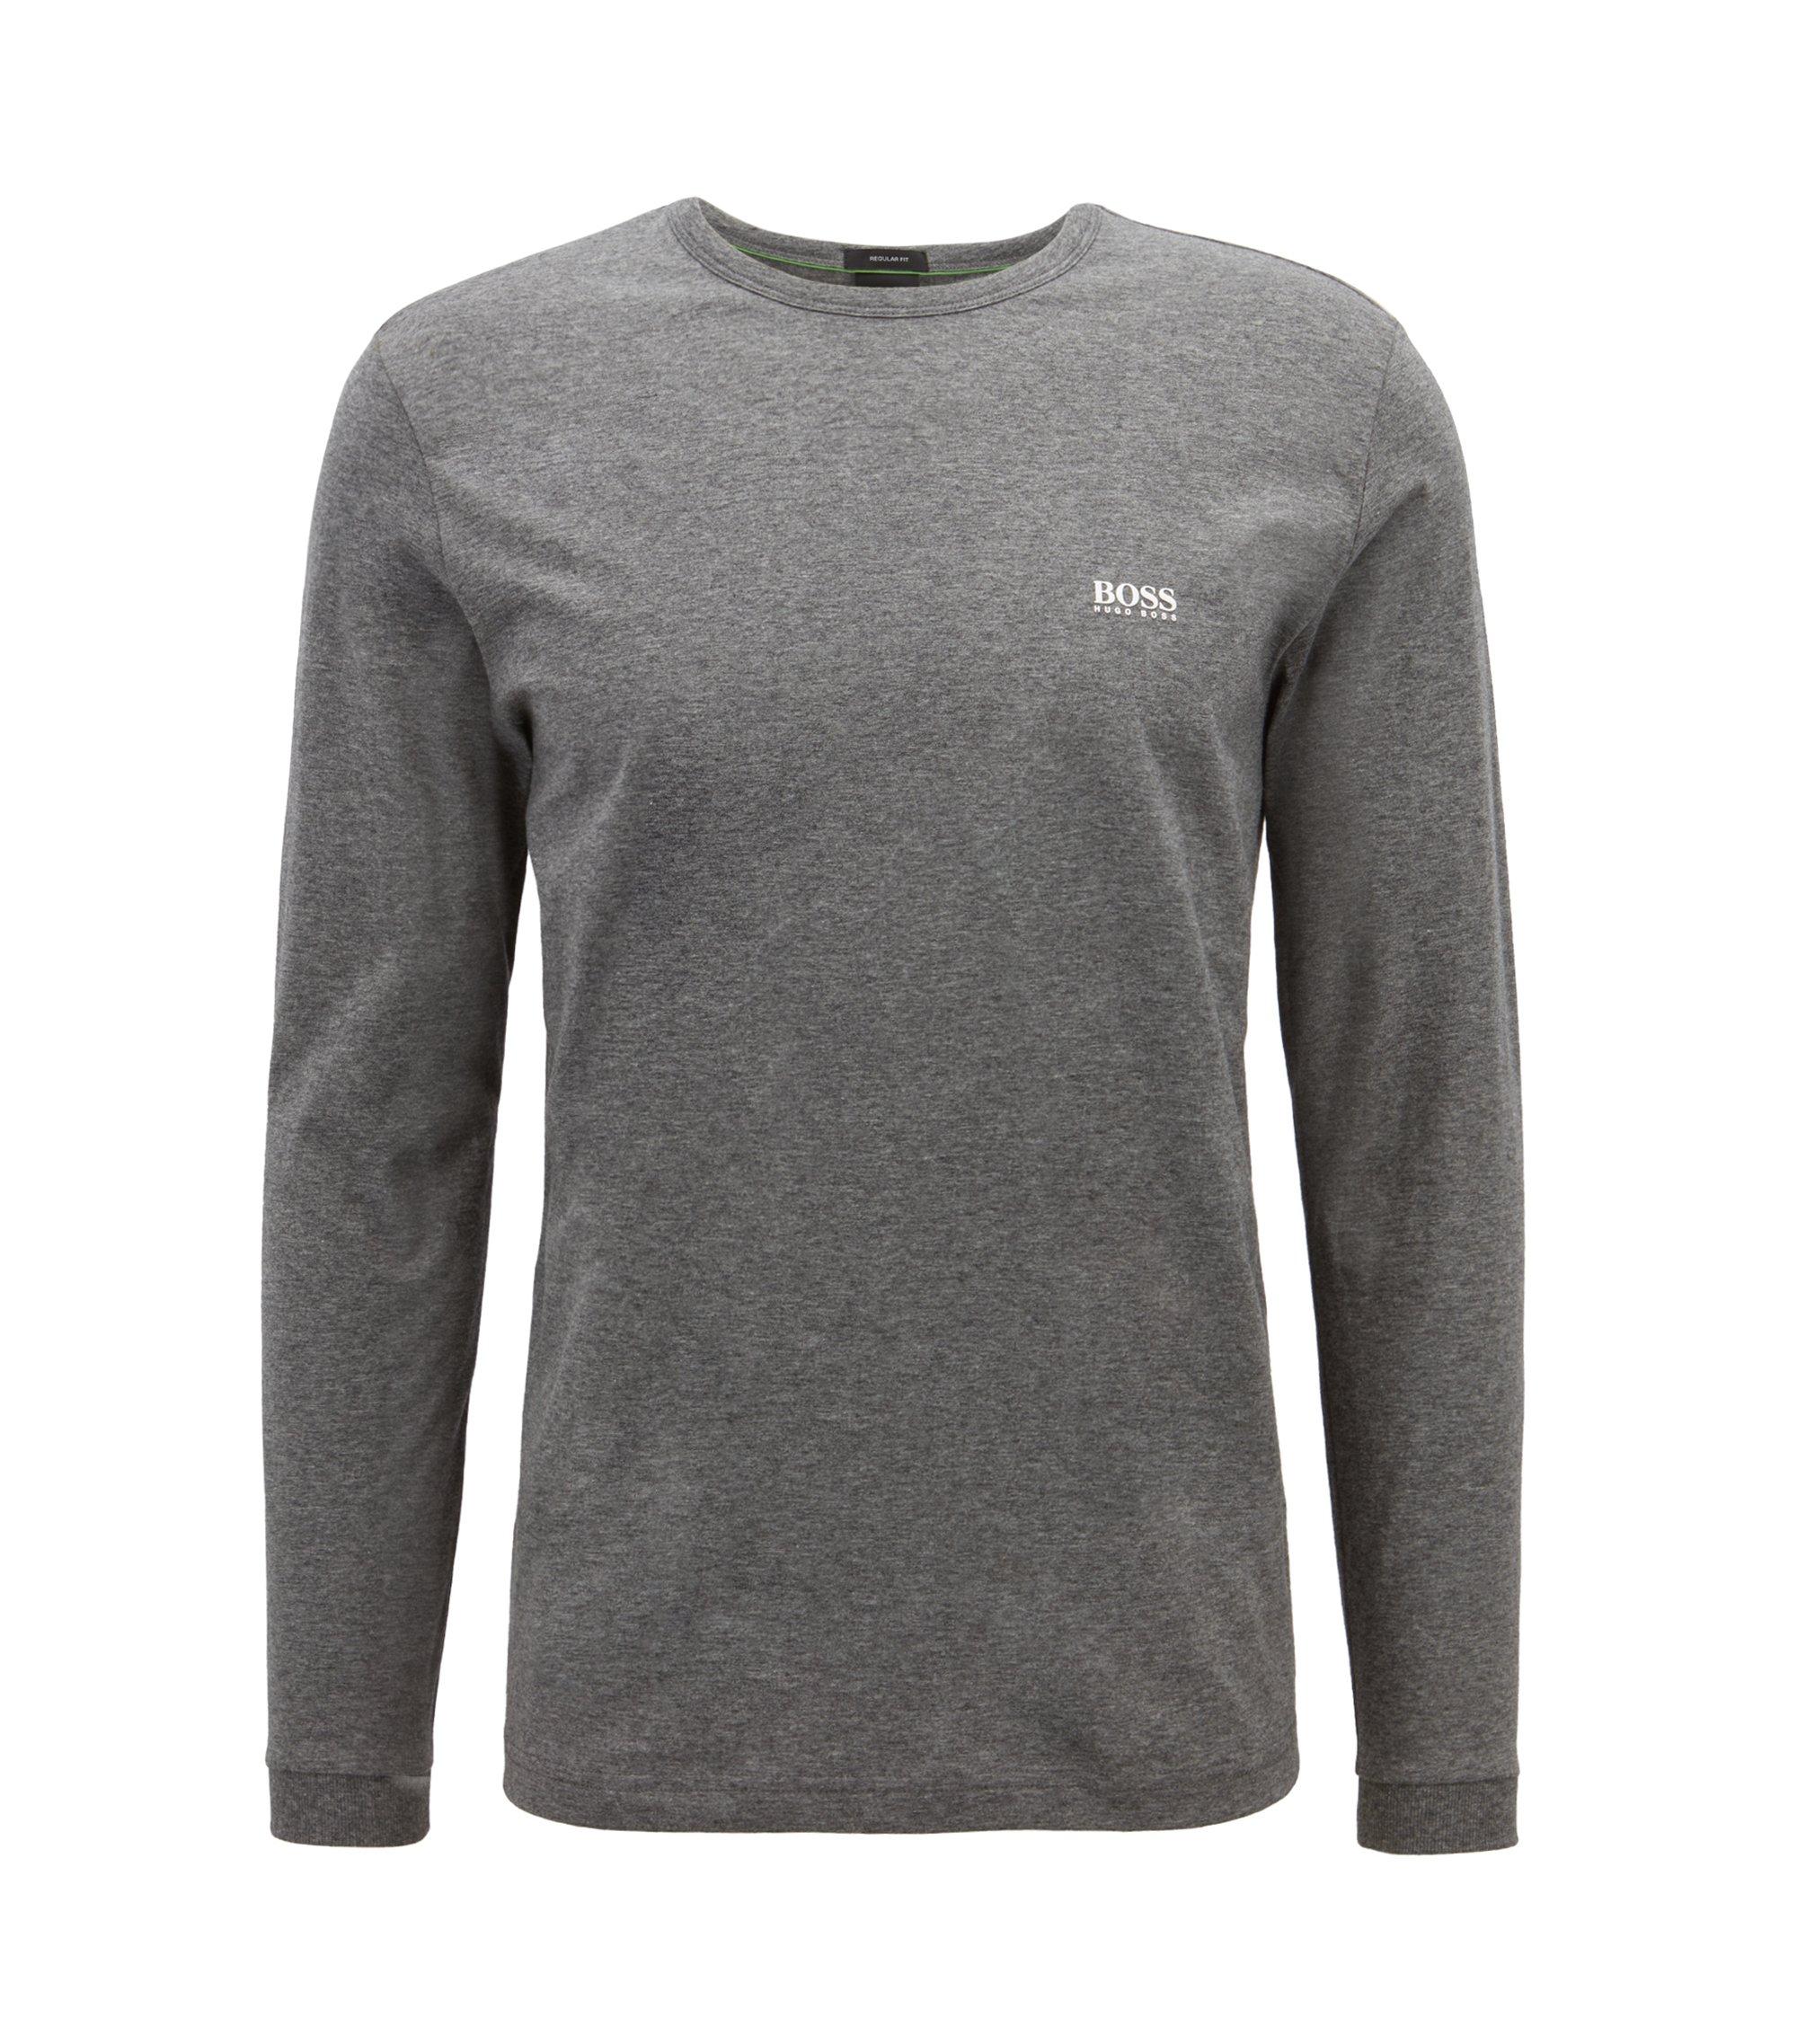 Longsleeve aus Baumwolle mit Logo-Dessin an der Schulter, Grau